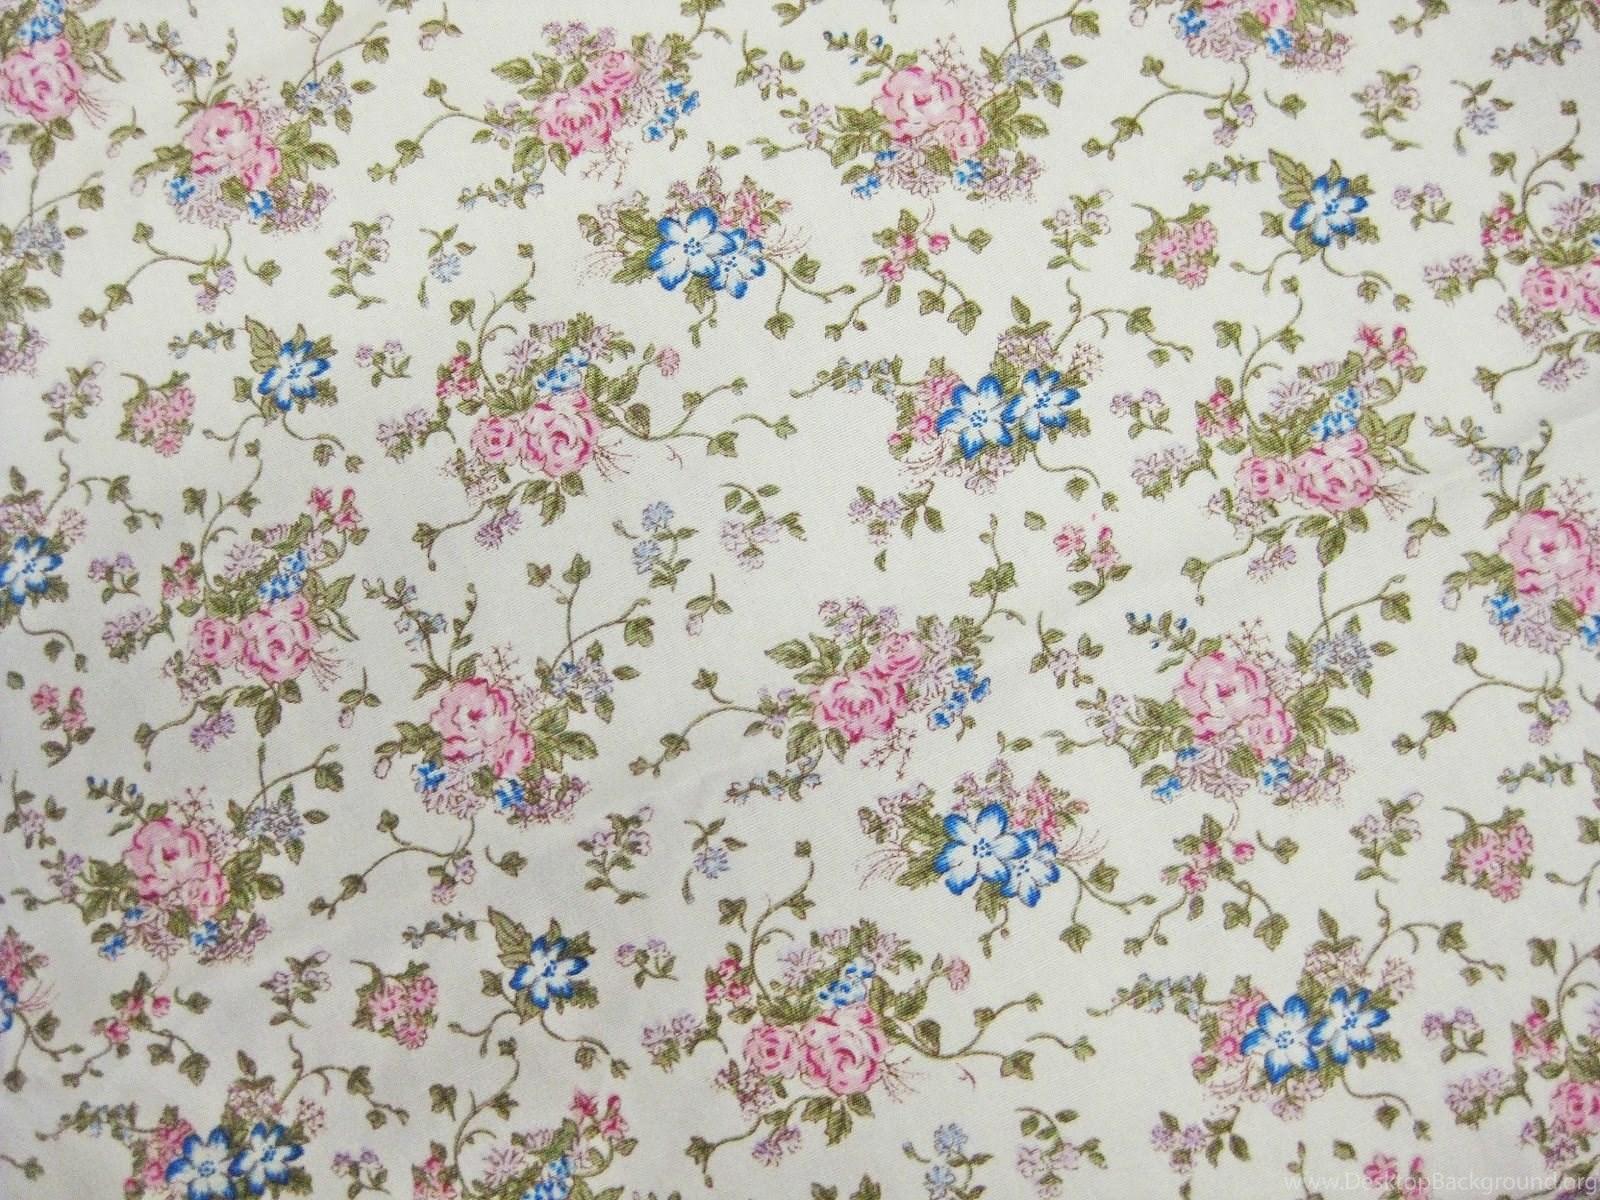 Vintage Floral Print Tumblr Backgrounds Desktop Background